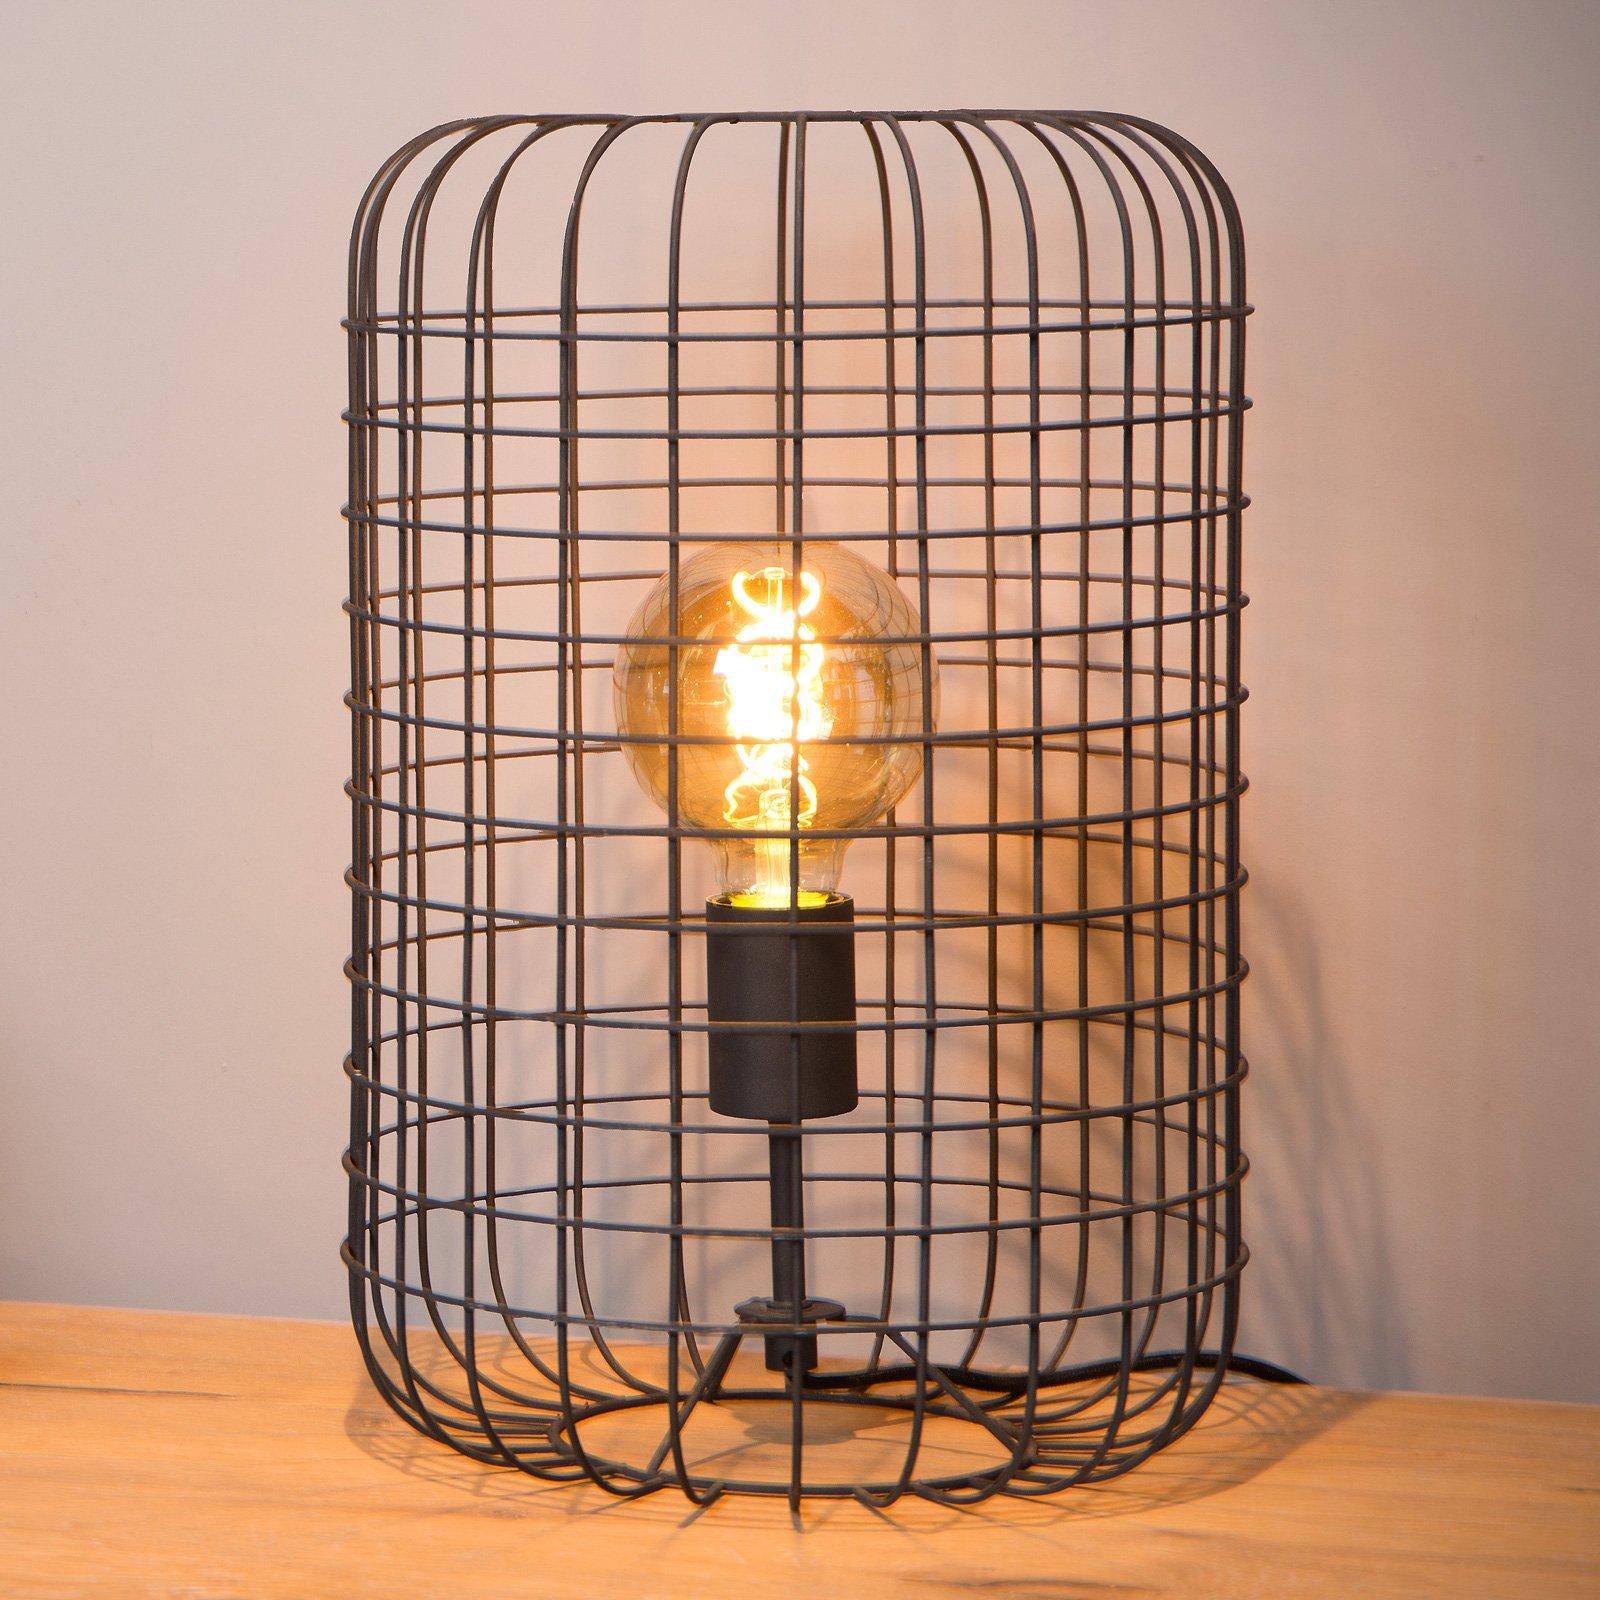 Esmee bordlampe, svart Ø 26 cm